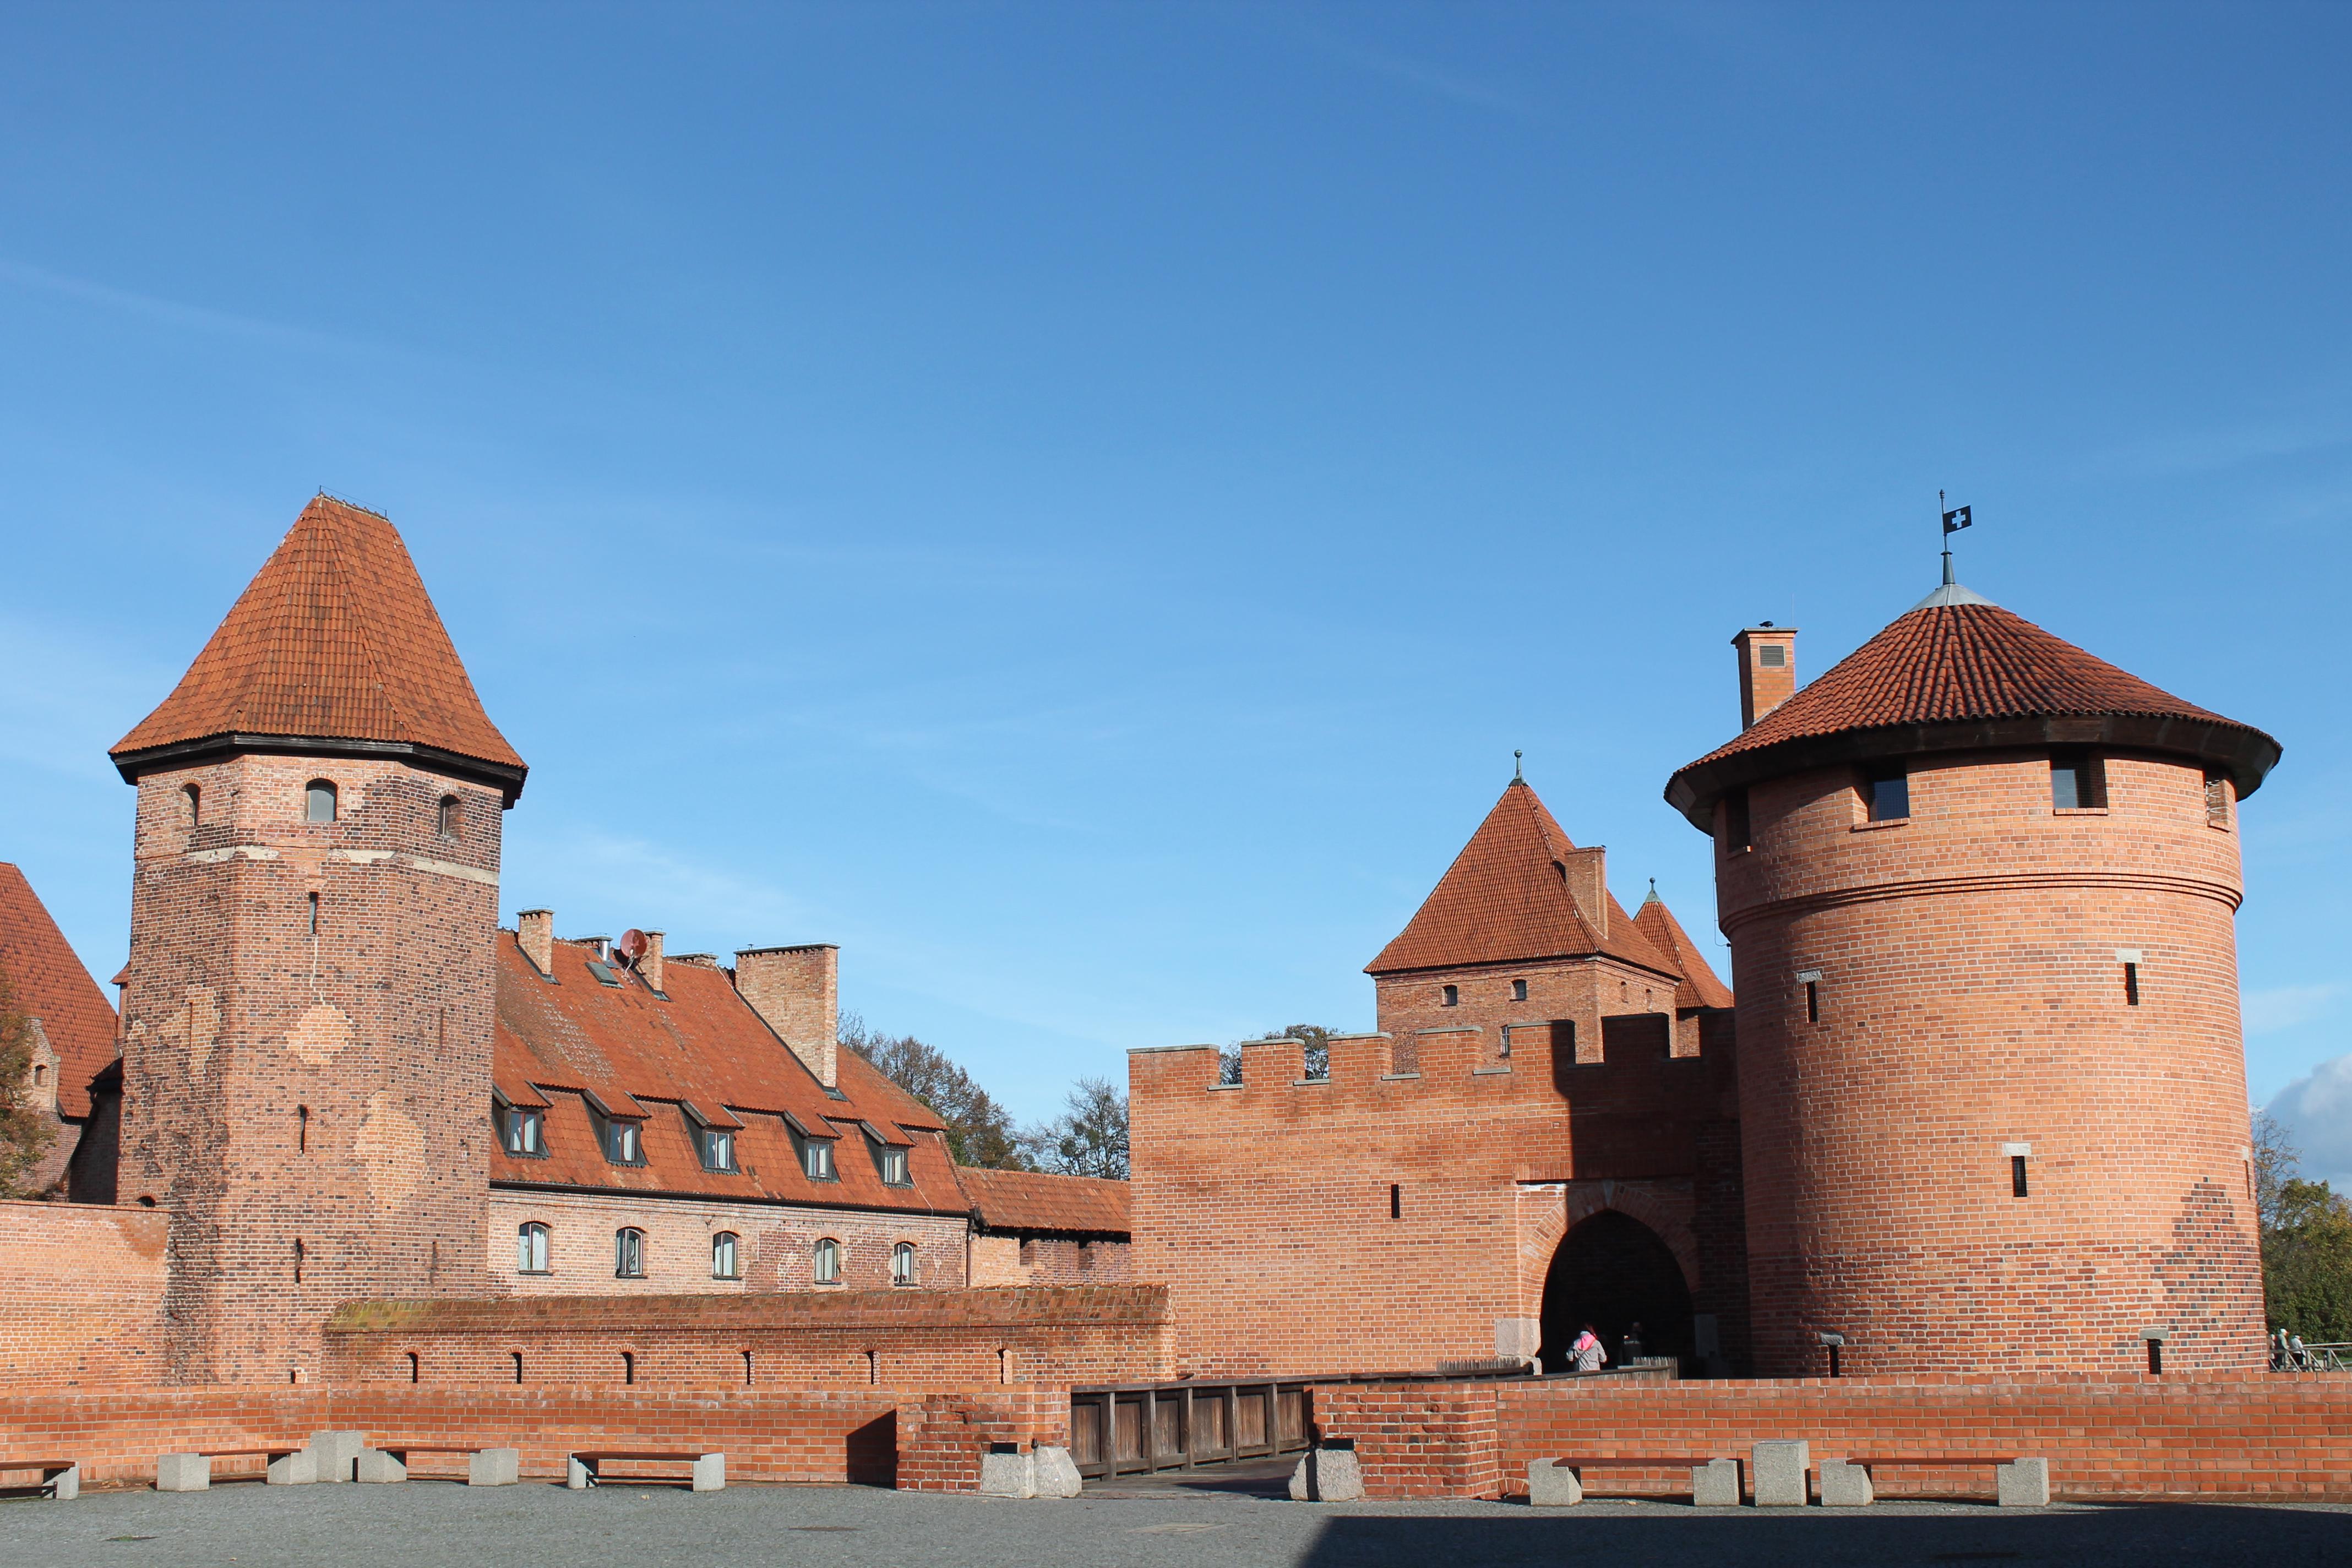 castello di Malbork @posh_backpackers